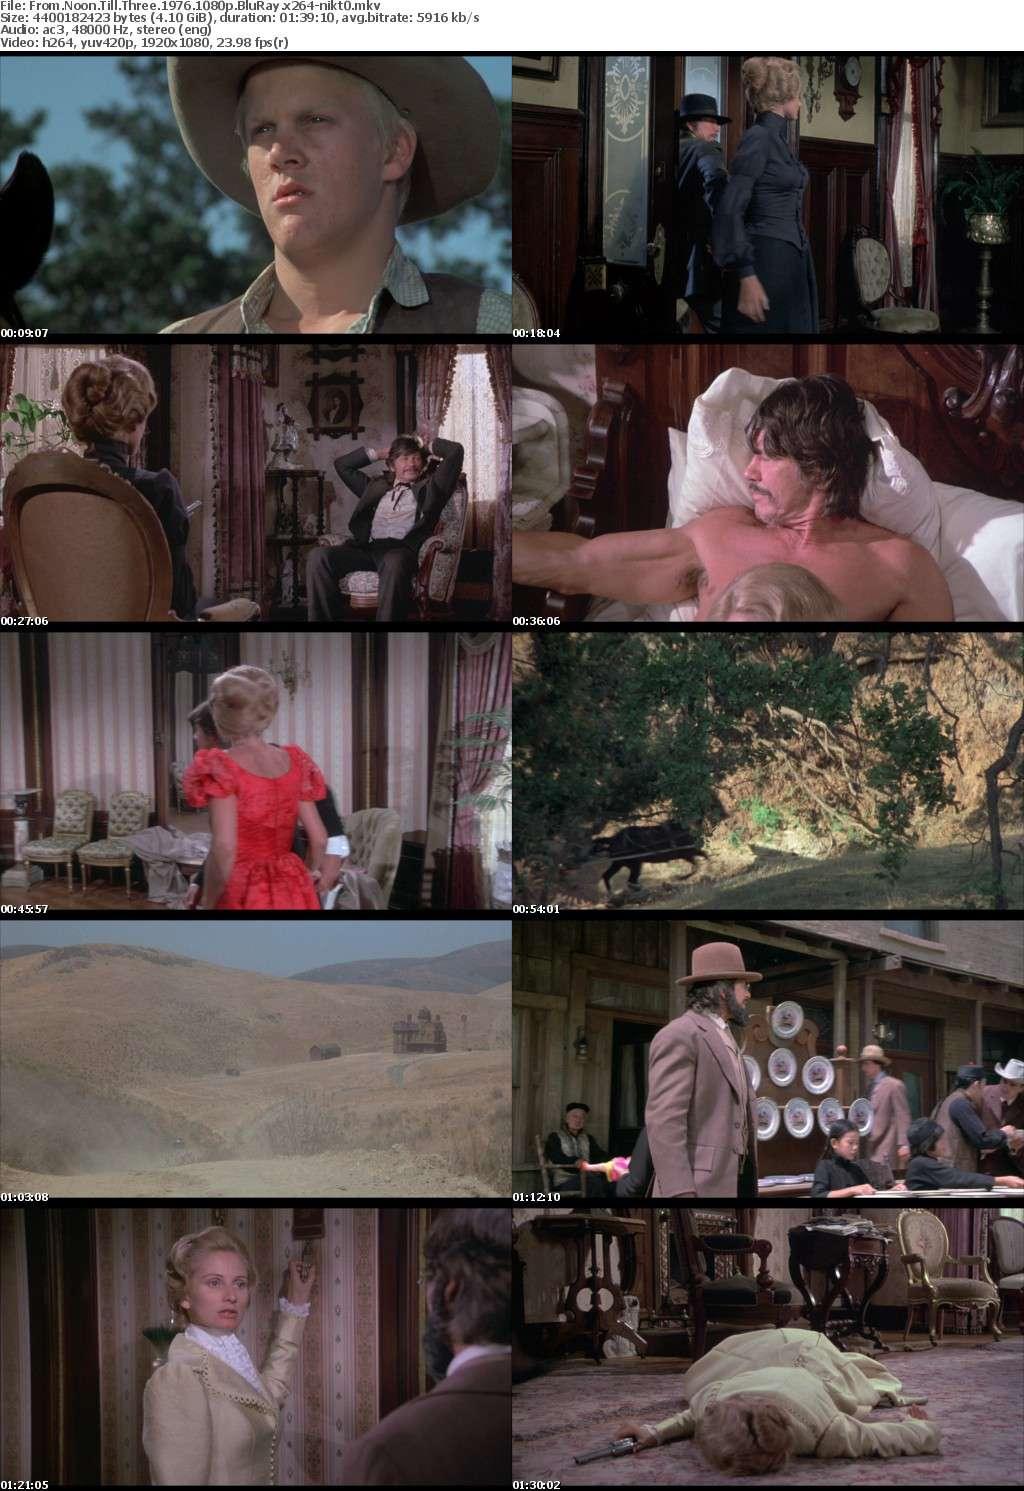 From Noon Till Three 1976 1080p BluRay x264-nikt0